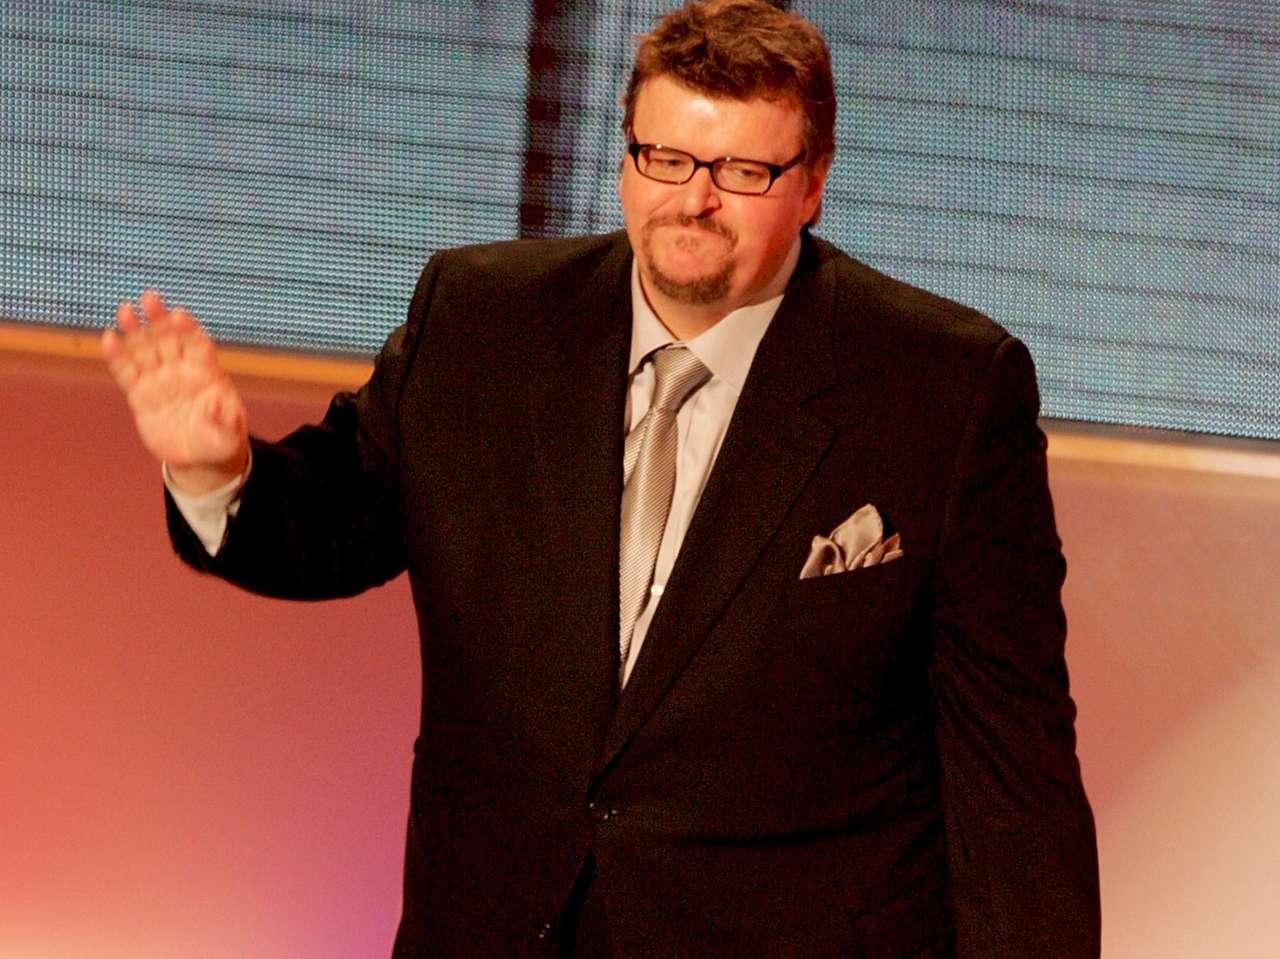 Michael Moore dejó caer todo el sarcasmo en su cuenta de Twitter. Foto: Getty Images